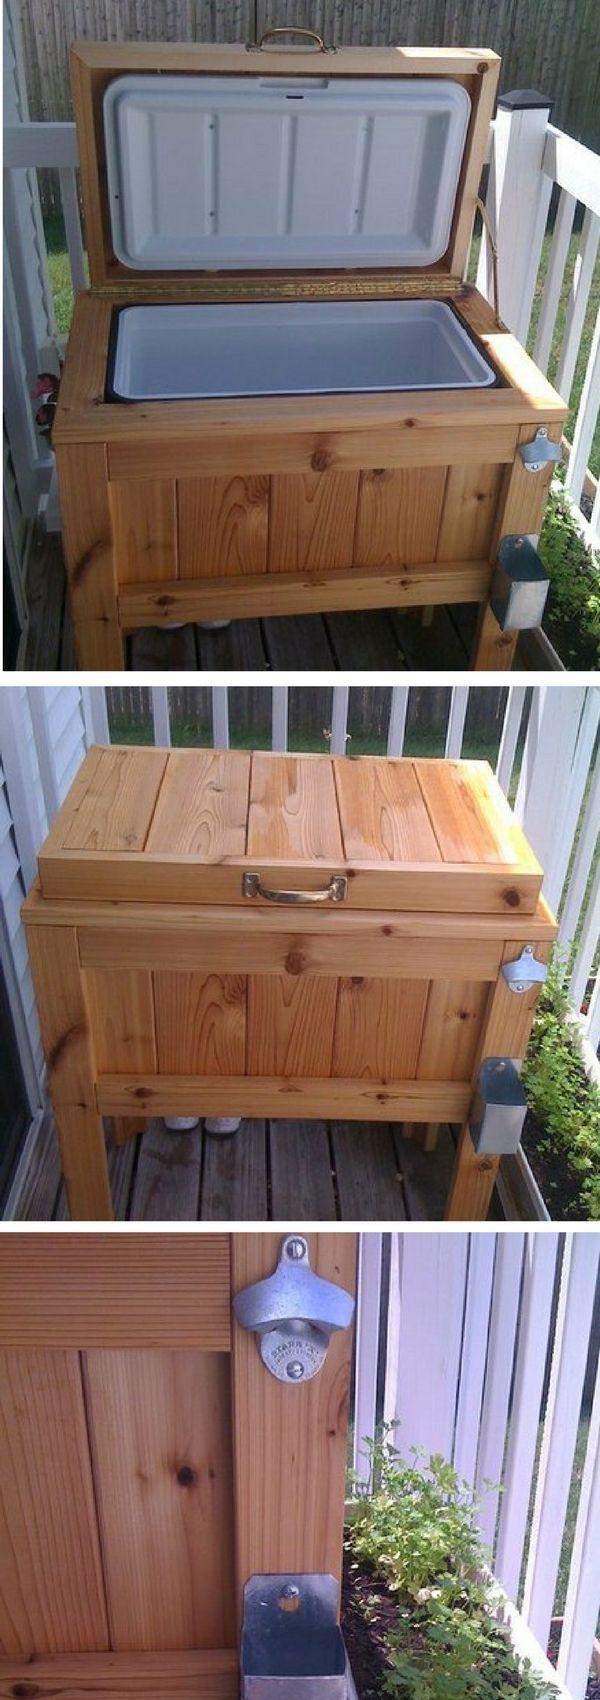 25 +> DIY-Gartenmöbel – 40 einfache Projekte, die Sie jetzt ausführen können › 25 + #thegreatoutdoors